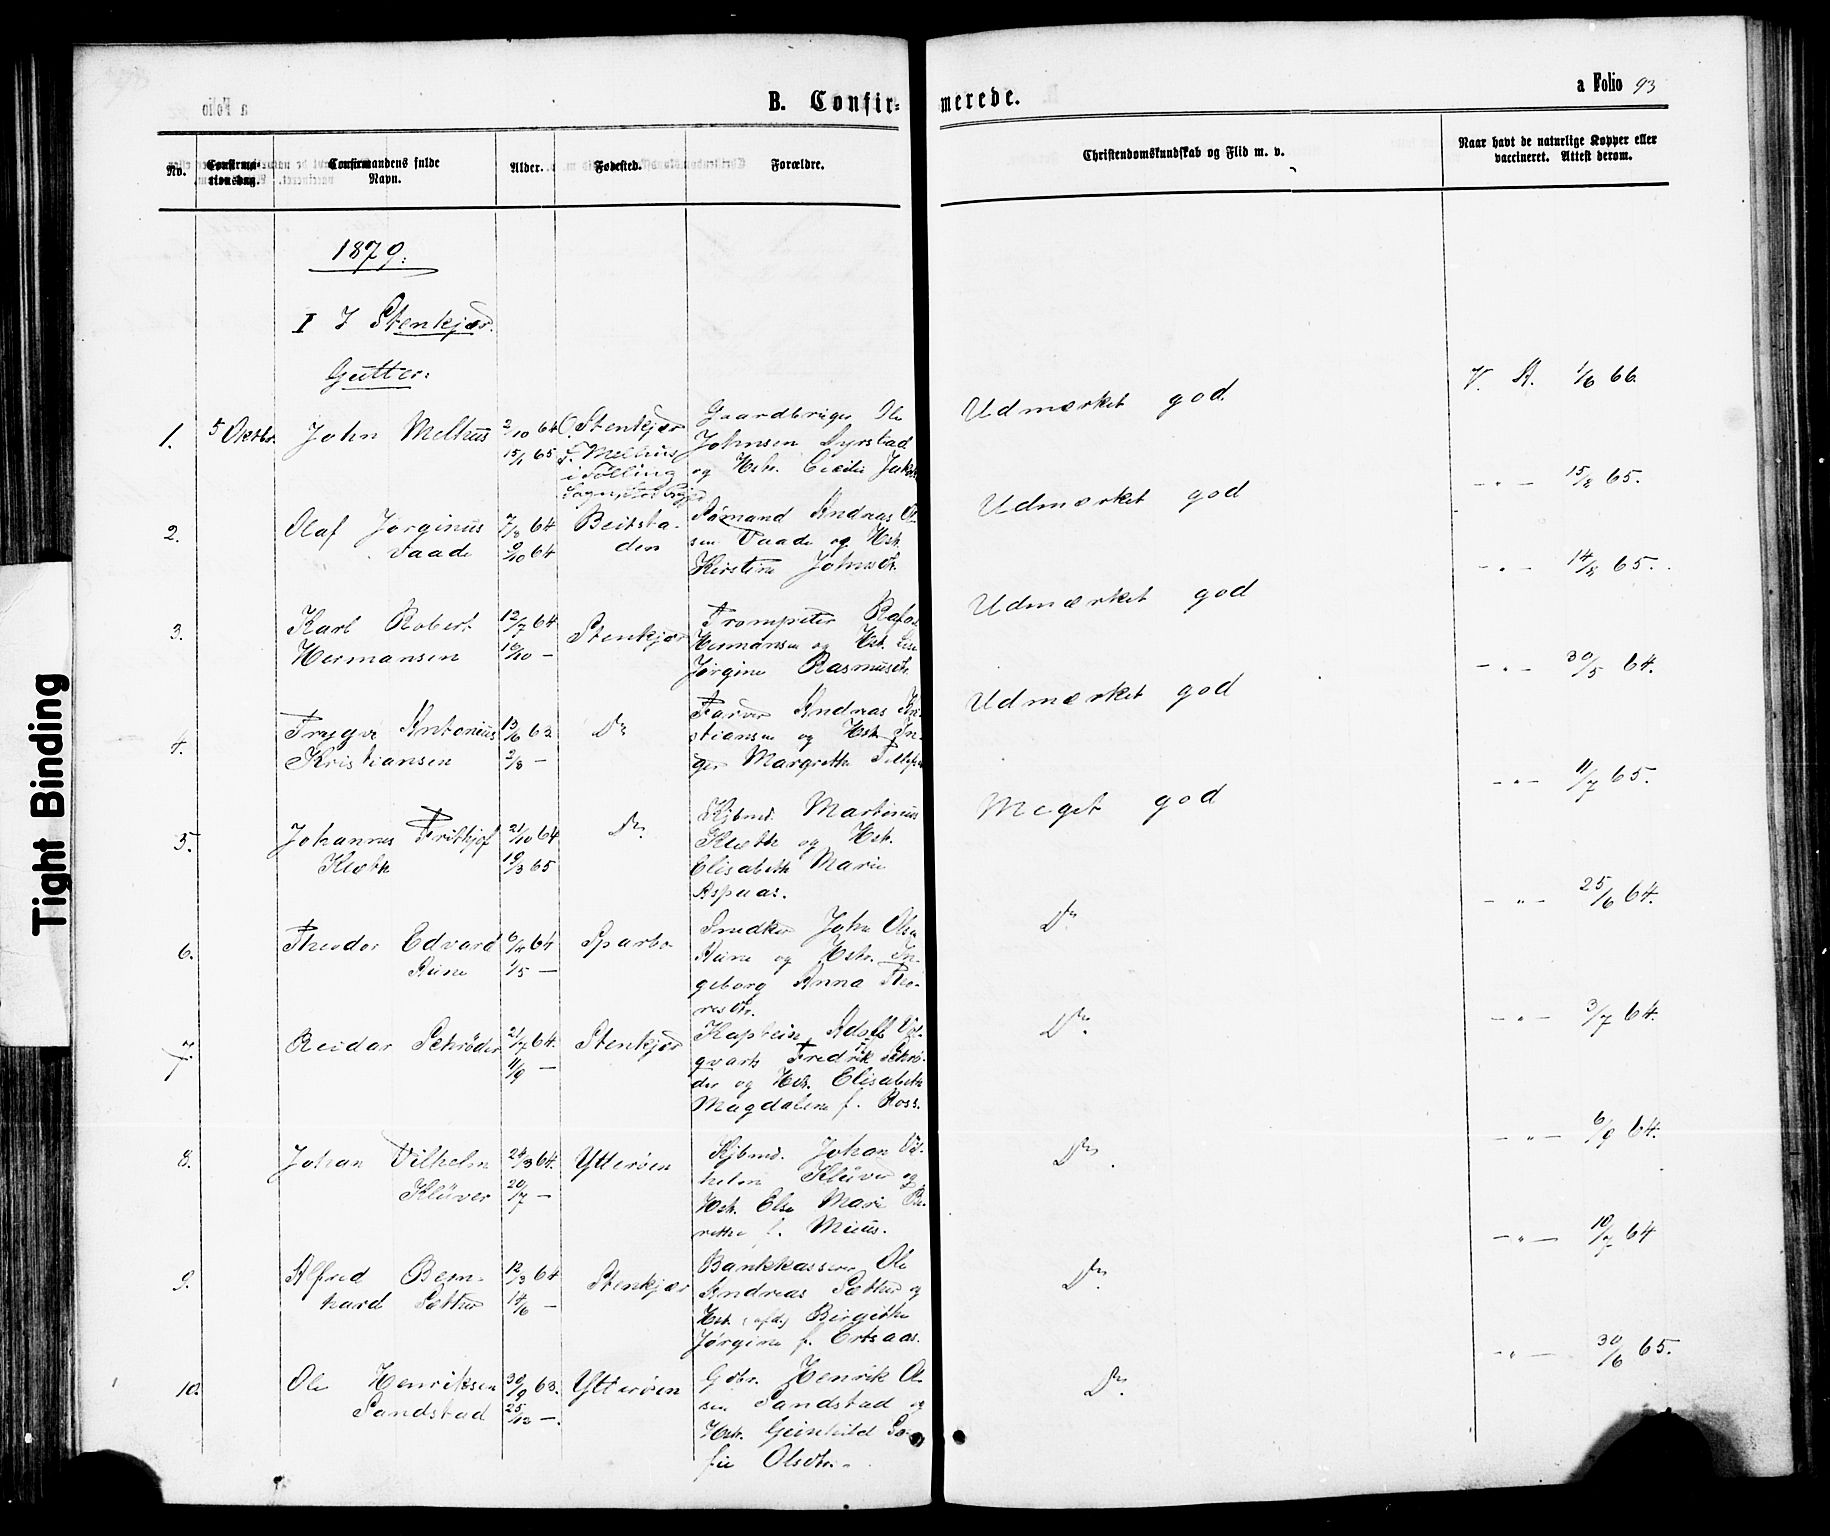 SAT, Ministerialprotokoller, klokkerbøker og fødselsregistre - Nord-Trøndelag, 739/L0370: Ministerialbok nr. 739A02, 1868-1881, s. 93